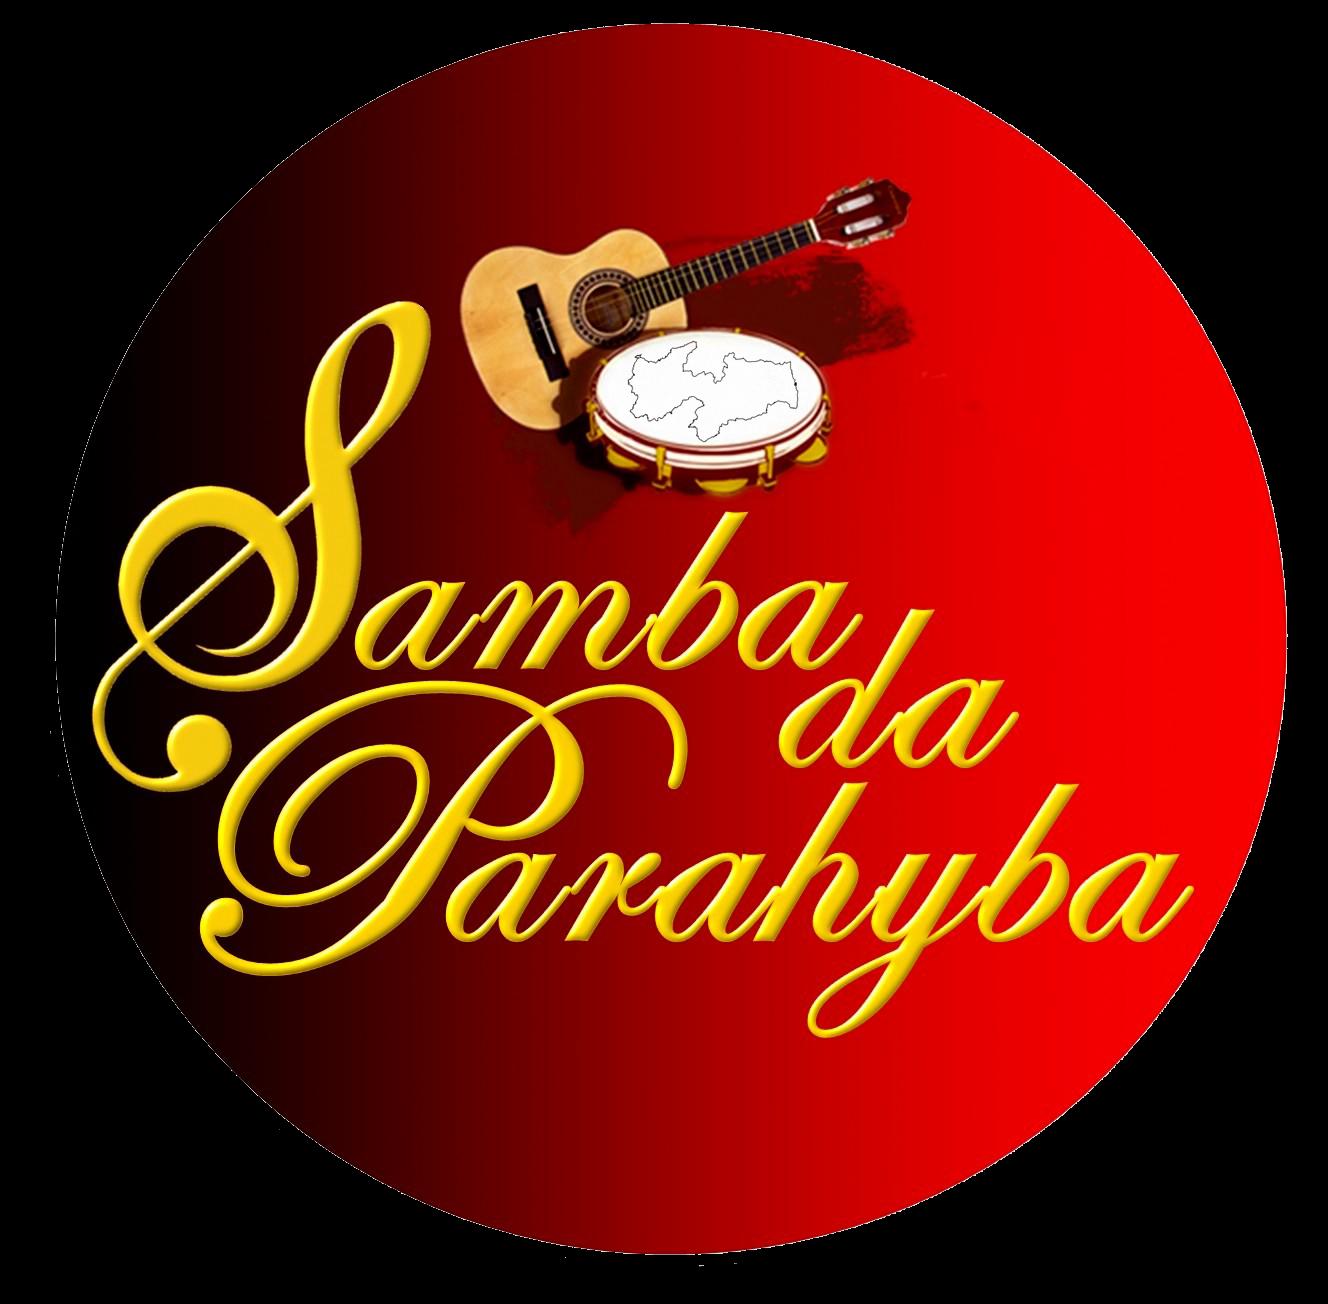 SAMBA CIR